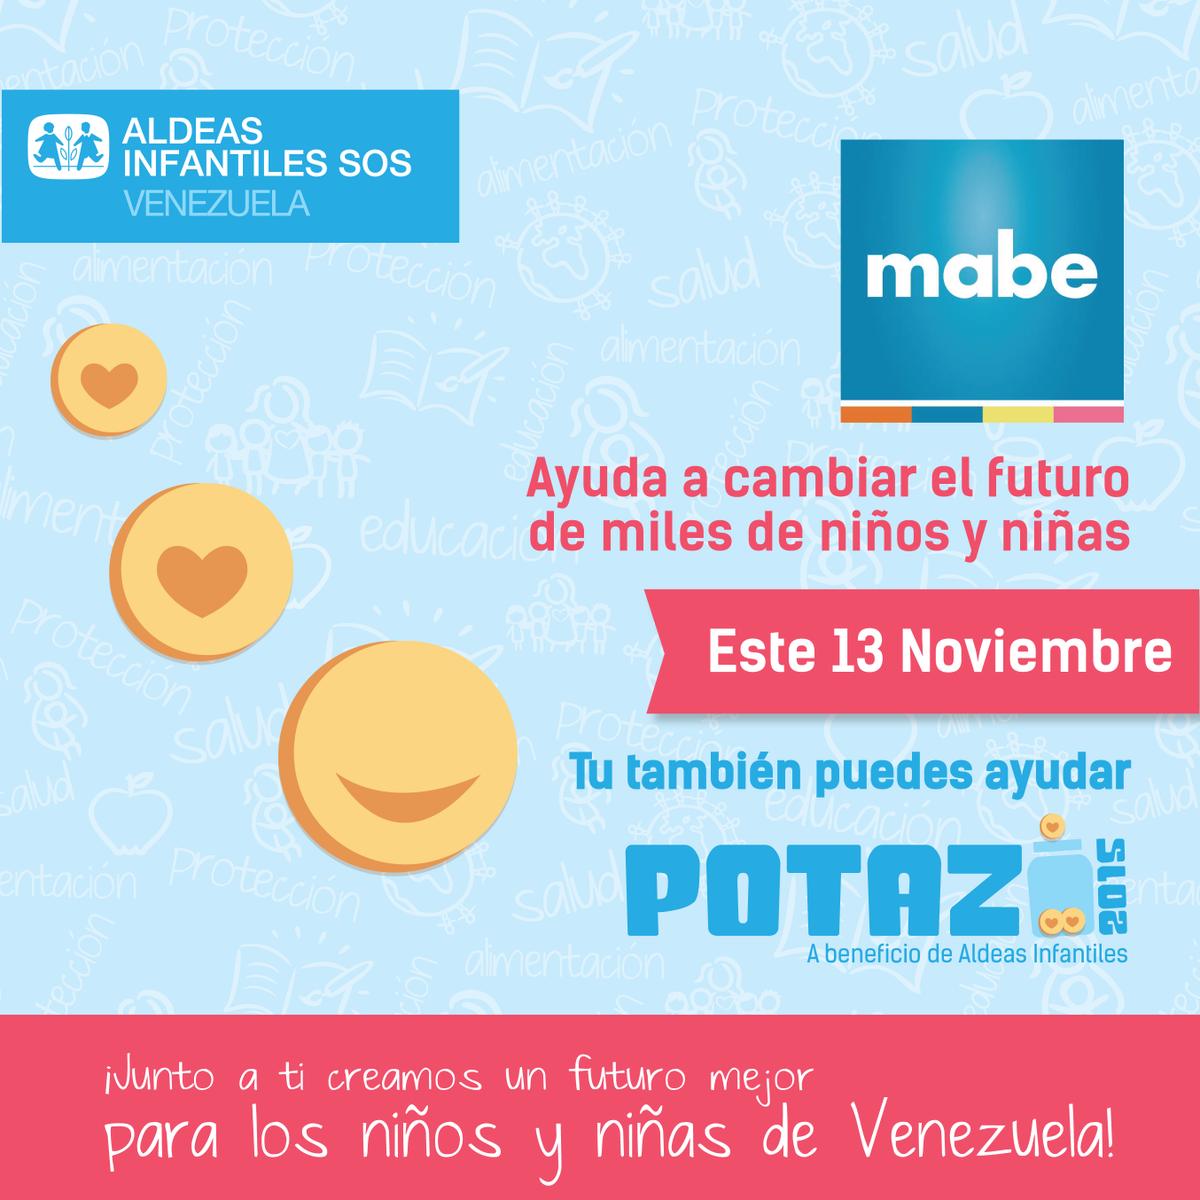 El #POTAZO 2015 no hubiese sido posible sin la ayuda de @Mabe_Vzla @CastilloMax1 @yogen_venezuela @EstivaneliStyle ❤ https://t.co/g0ikO5ExFW